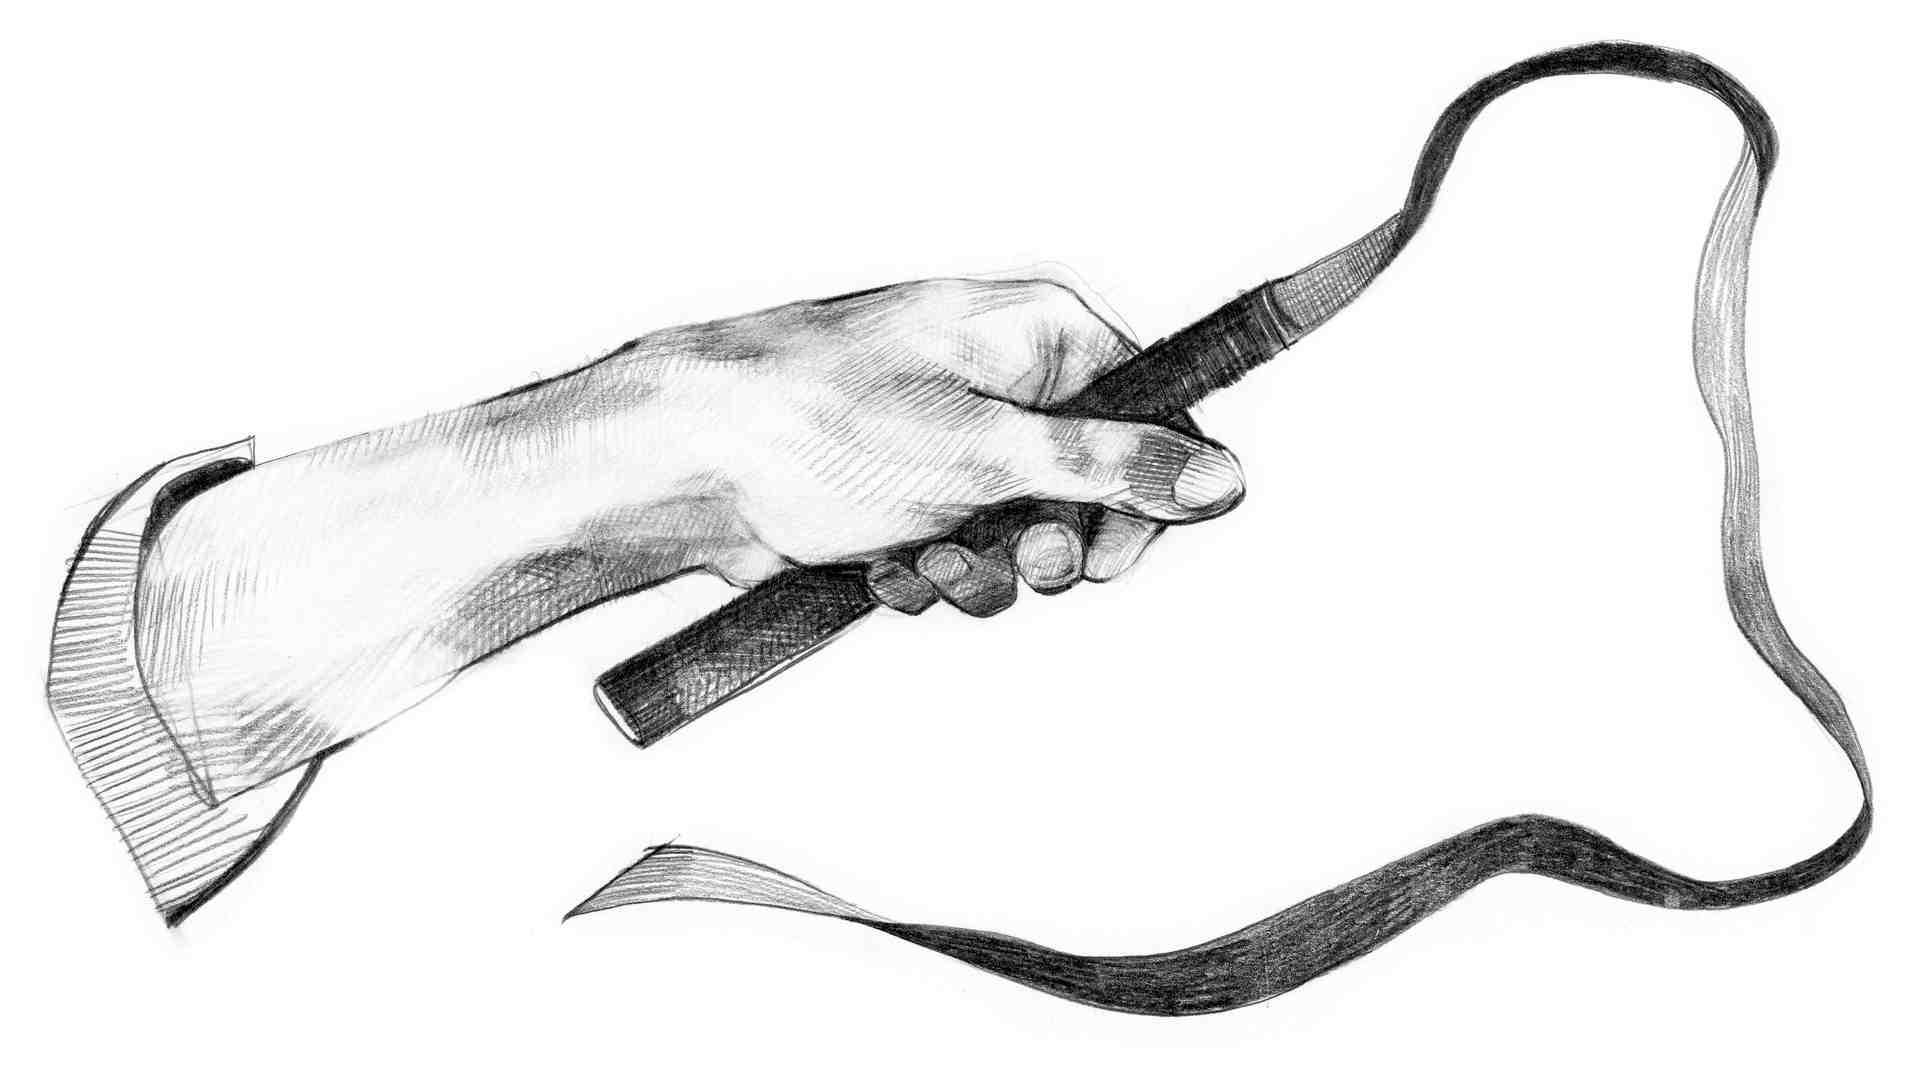 Illustrasjon av en hånd som holder en pisk